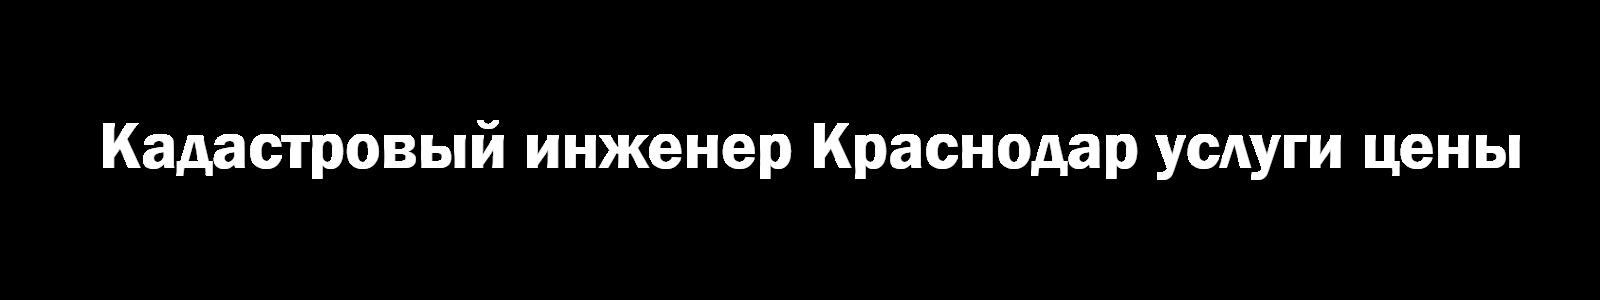 Кадастровый инженер Краснодар услуги цены